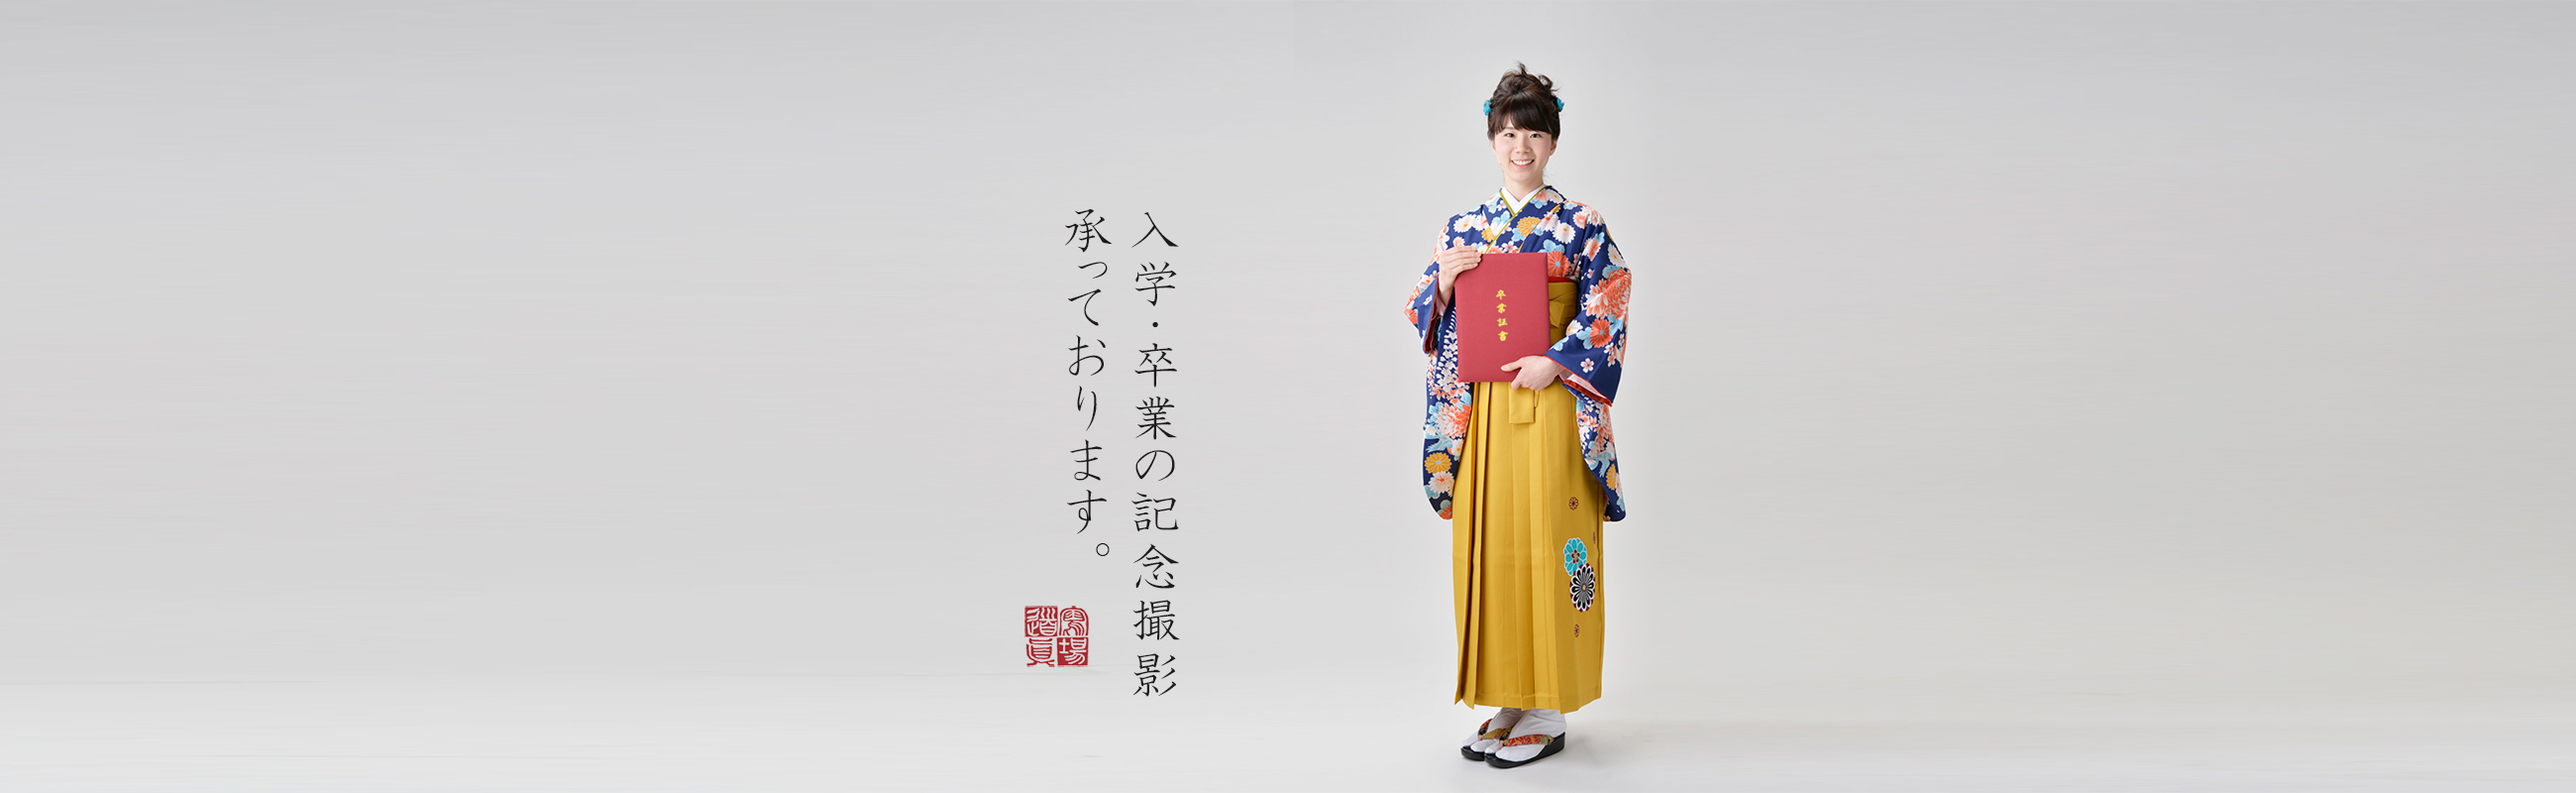 sotsugyou-1